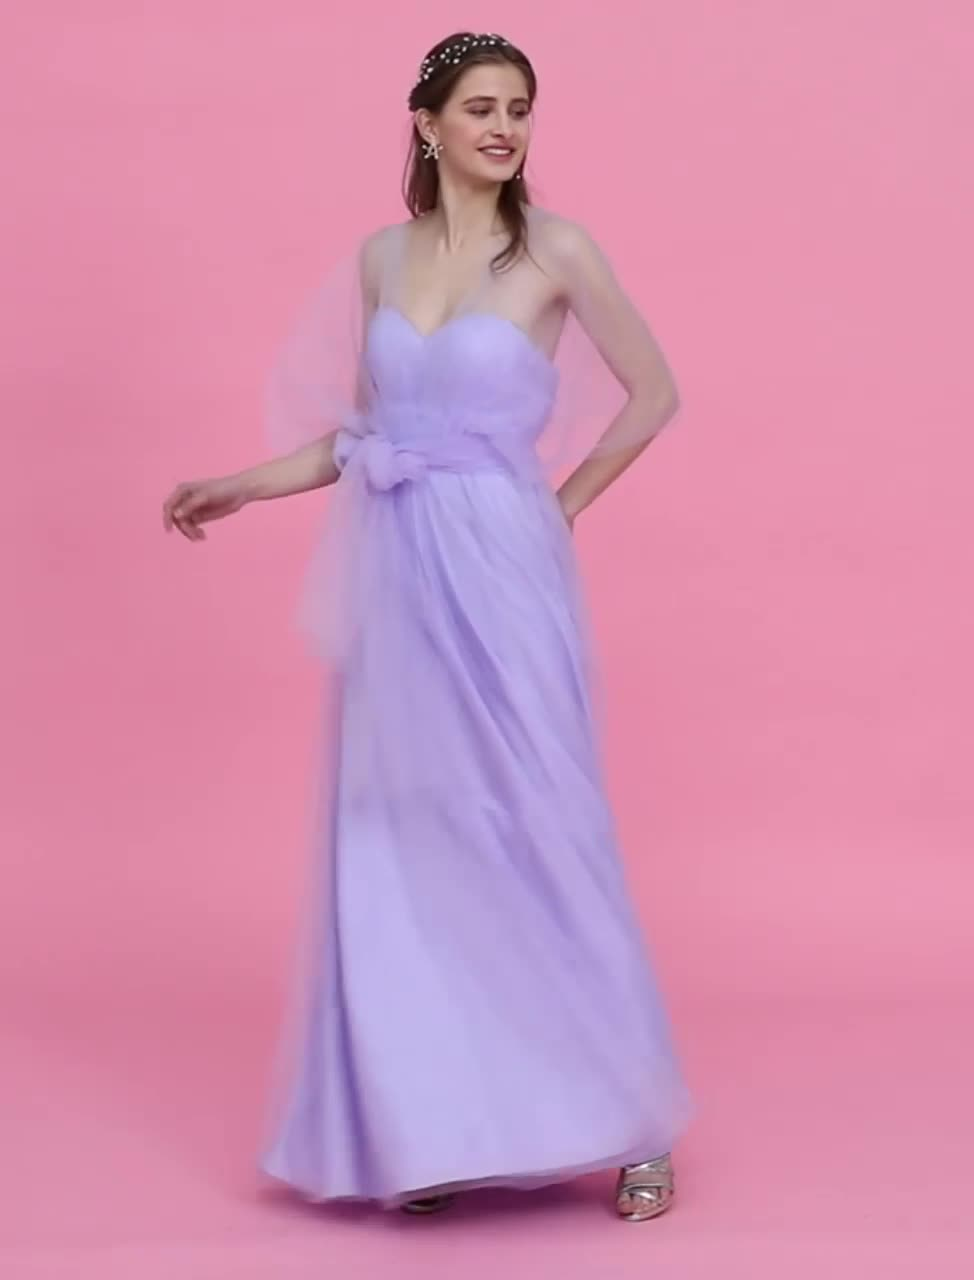 Vistoso Perchas Personalizadas Para El Vestido De Novia Bosquejo ...